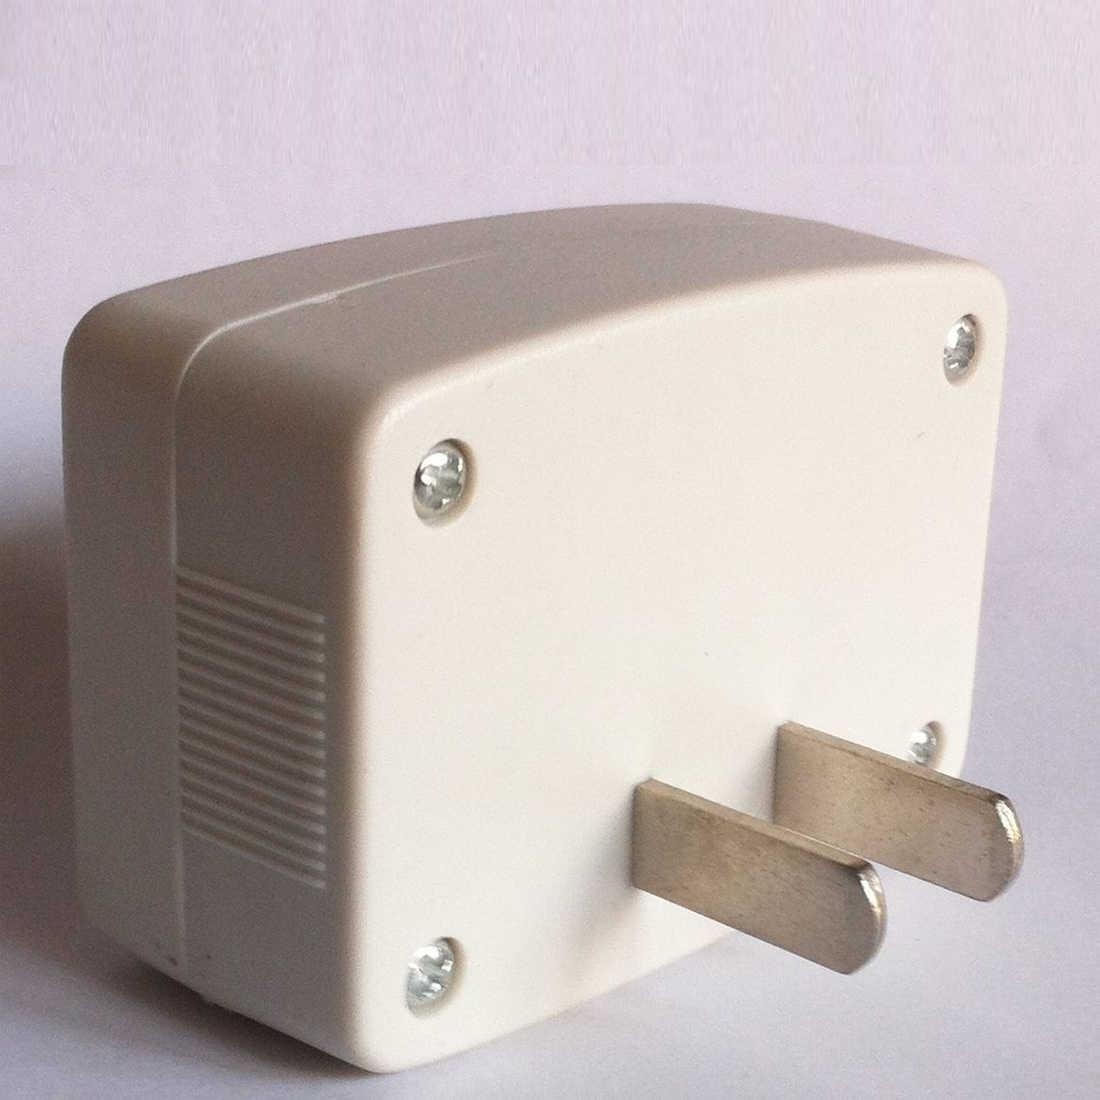 1PC LCD ดิจิตอลโวลต์มิเตอร์ Monitor AC 110V 220V AC Panel Euro EU Plug 80 -300V Blue Backlight เครื่องทดสอบแรงดันไฟฟ้า